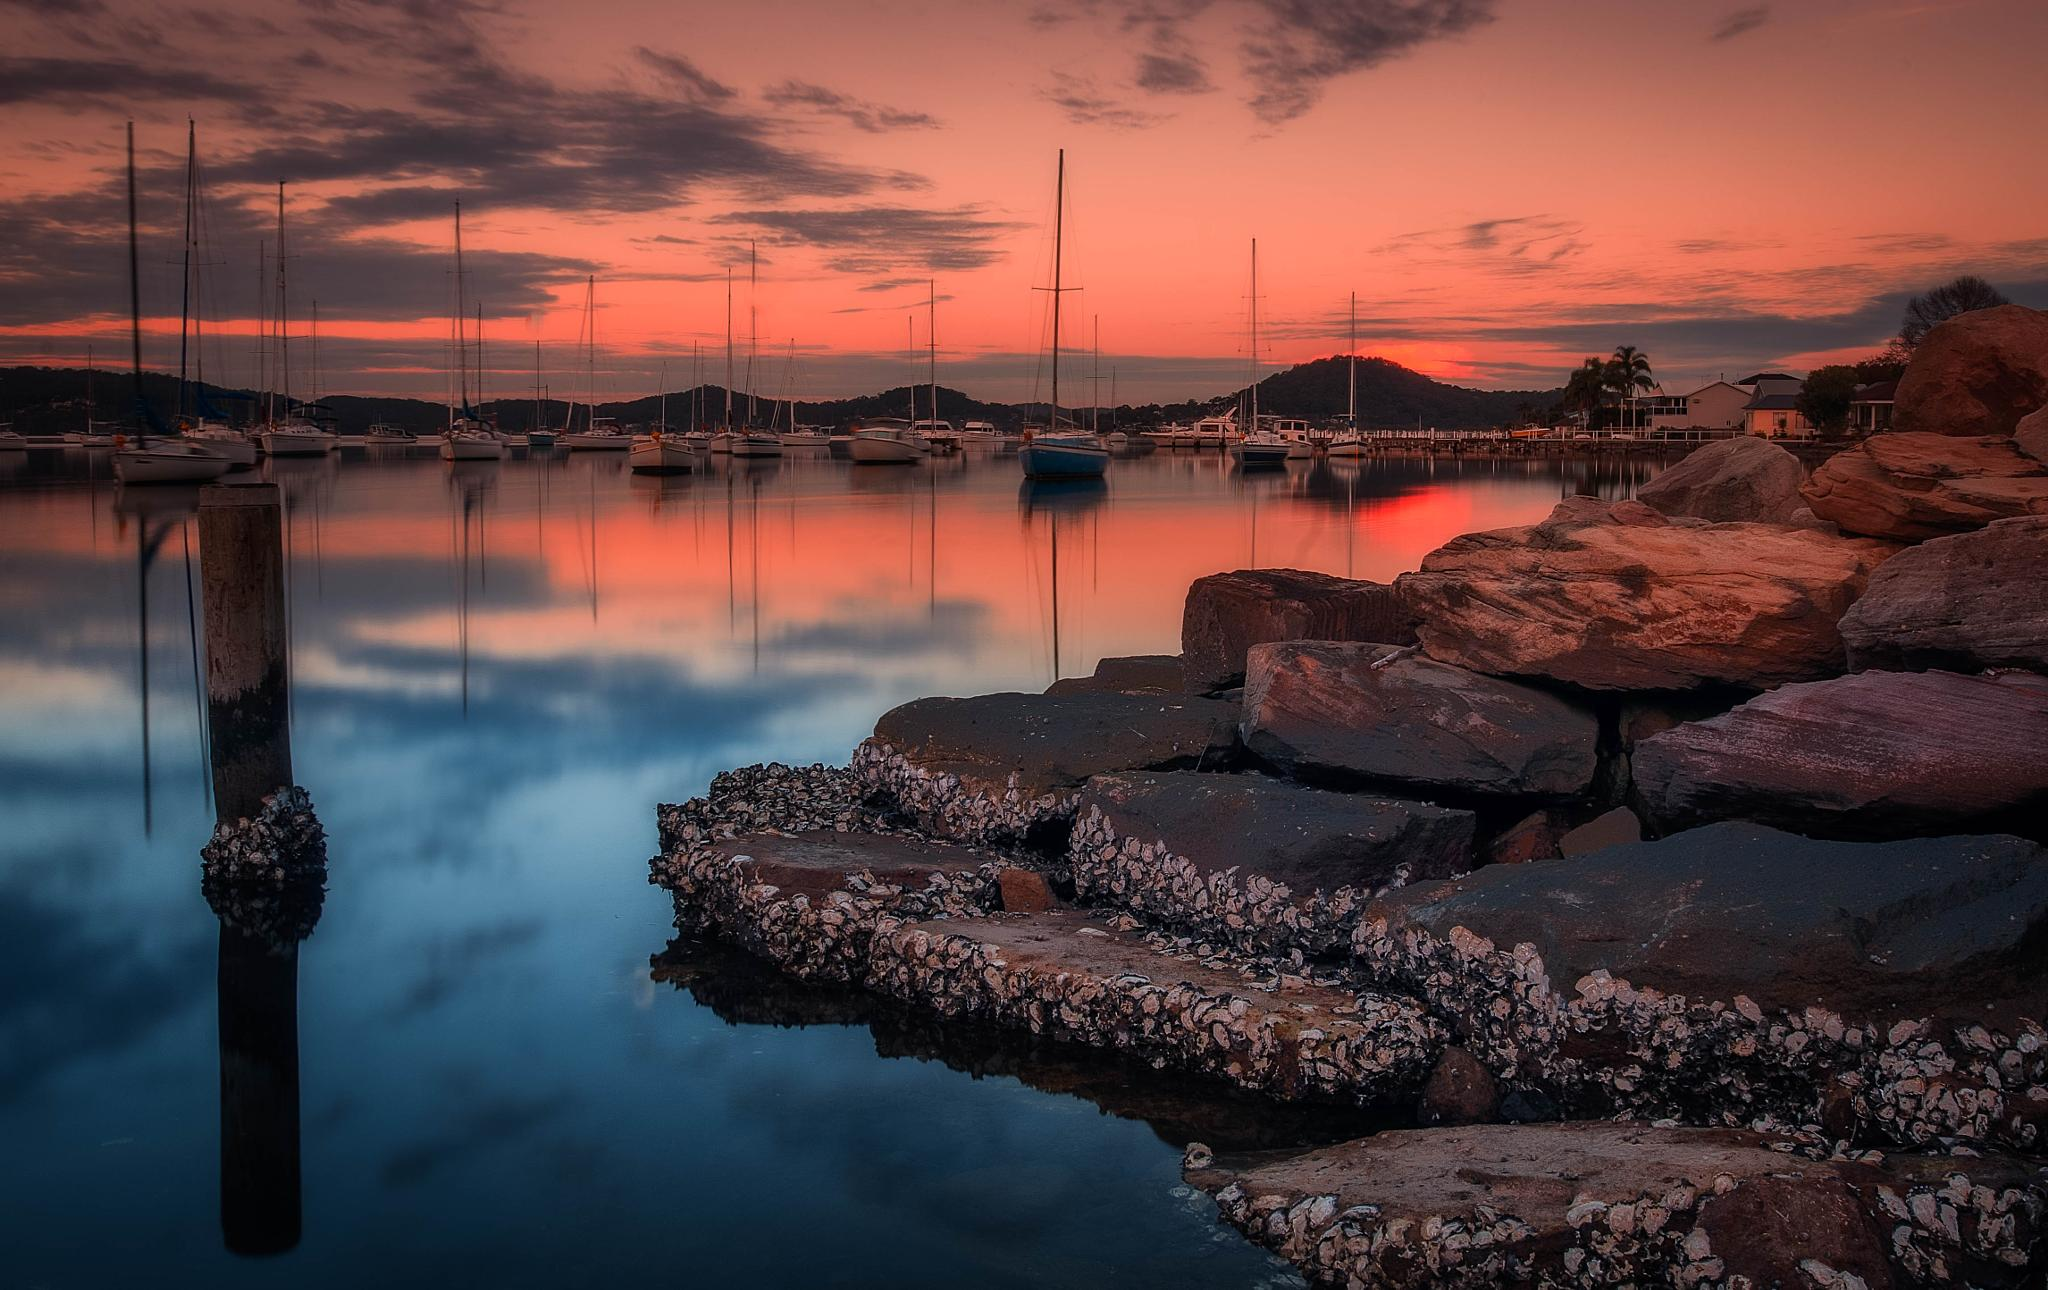 Back sunset by PepeRojas